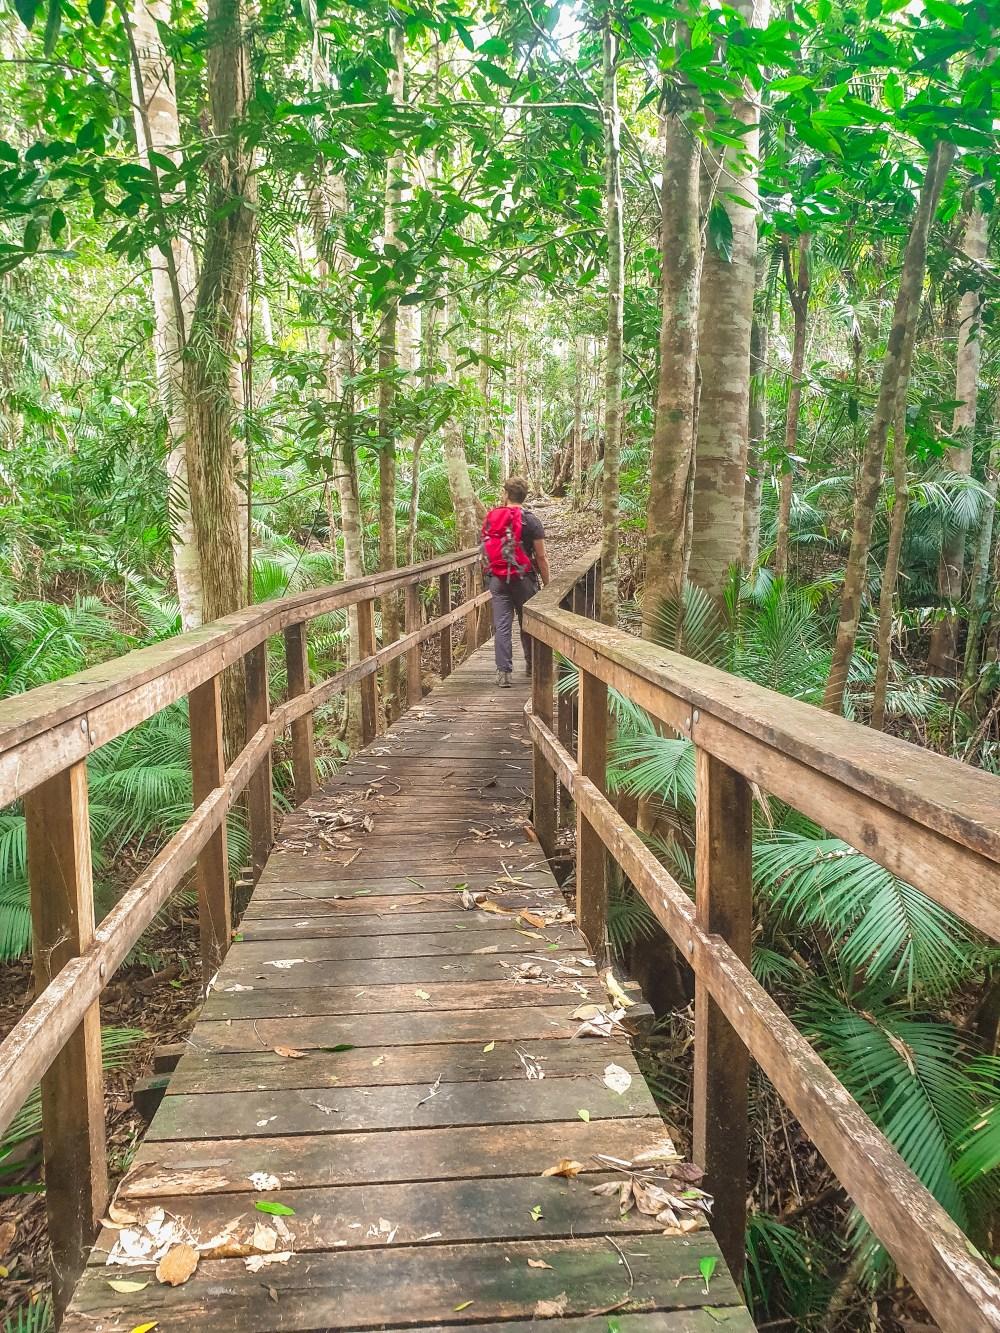 Stoney Creek Boardwalk Cairns Queensland Australia